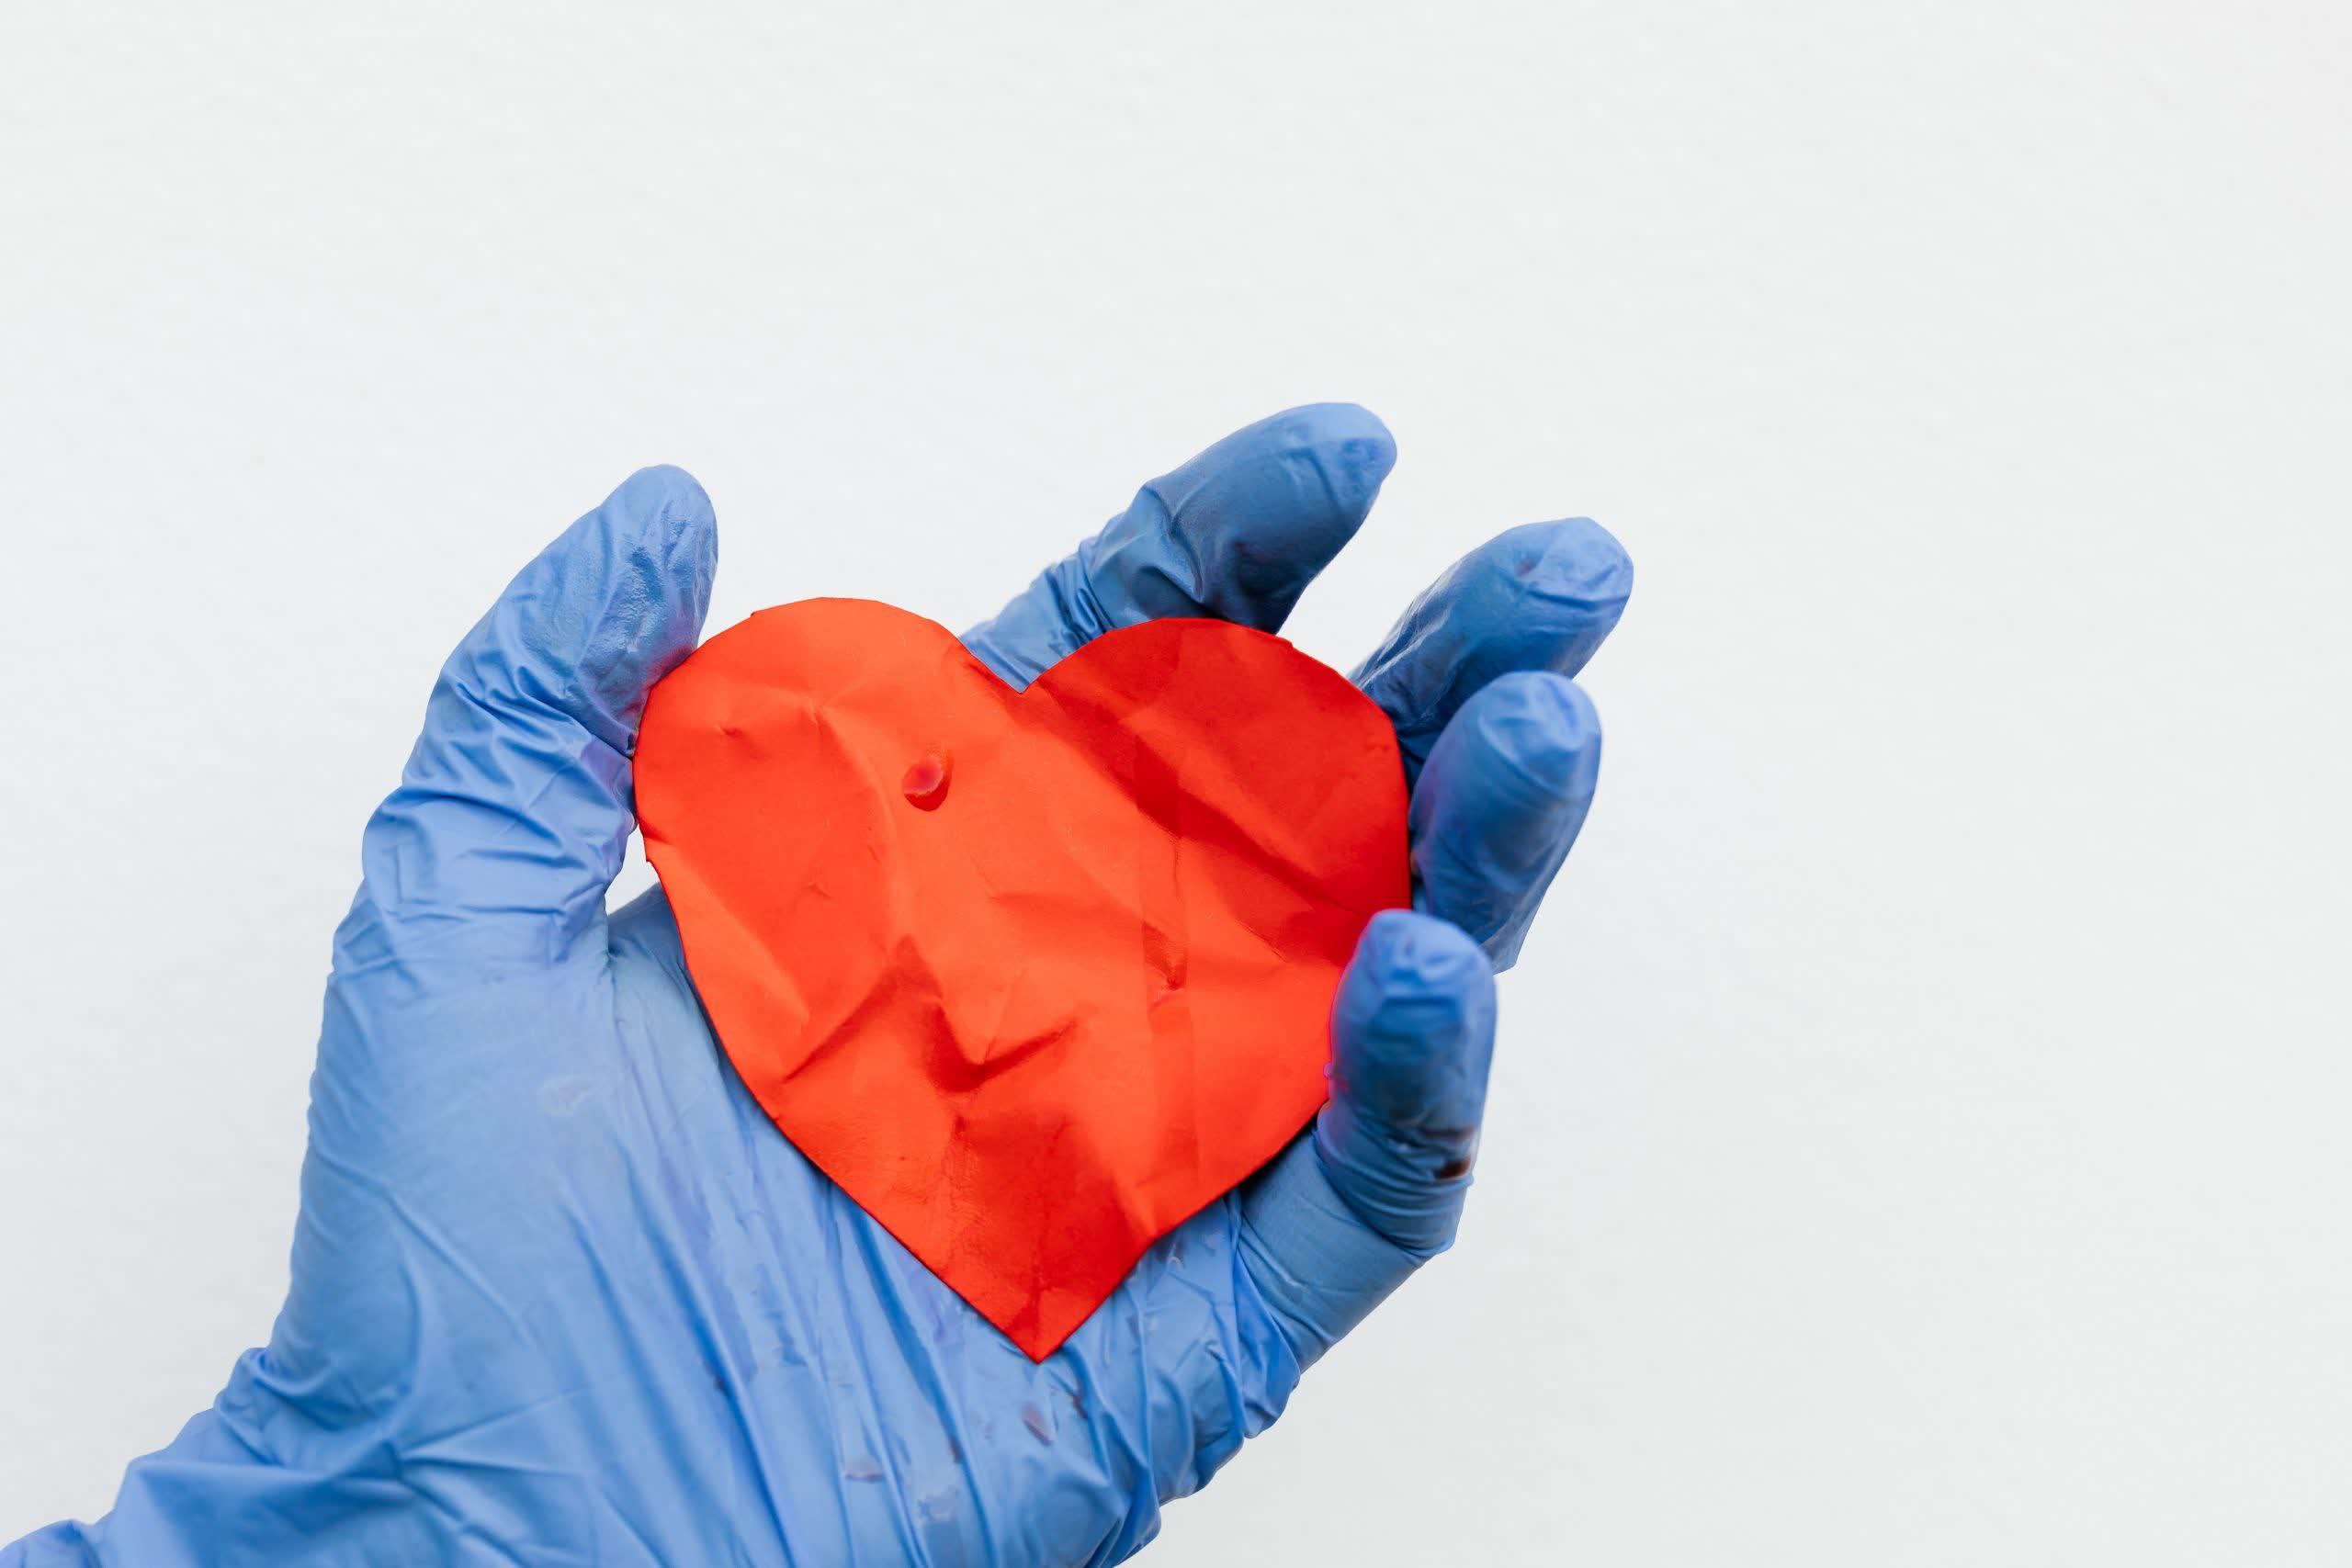 Covid-19 pandemijos pasekmės: kodėl taip svarbu išsitirti širdį